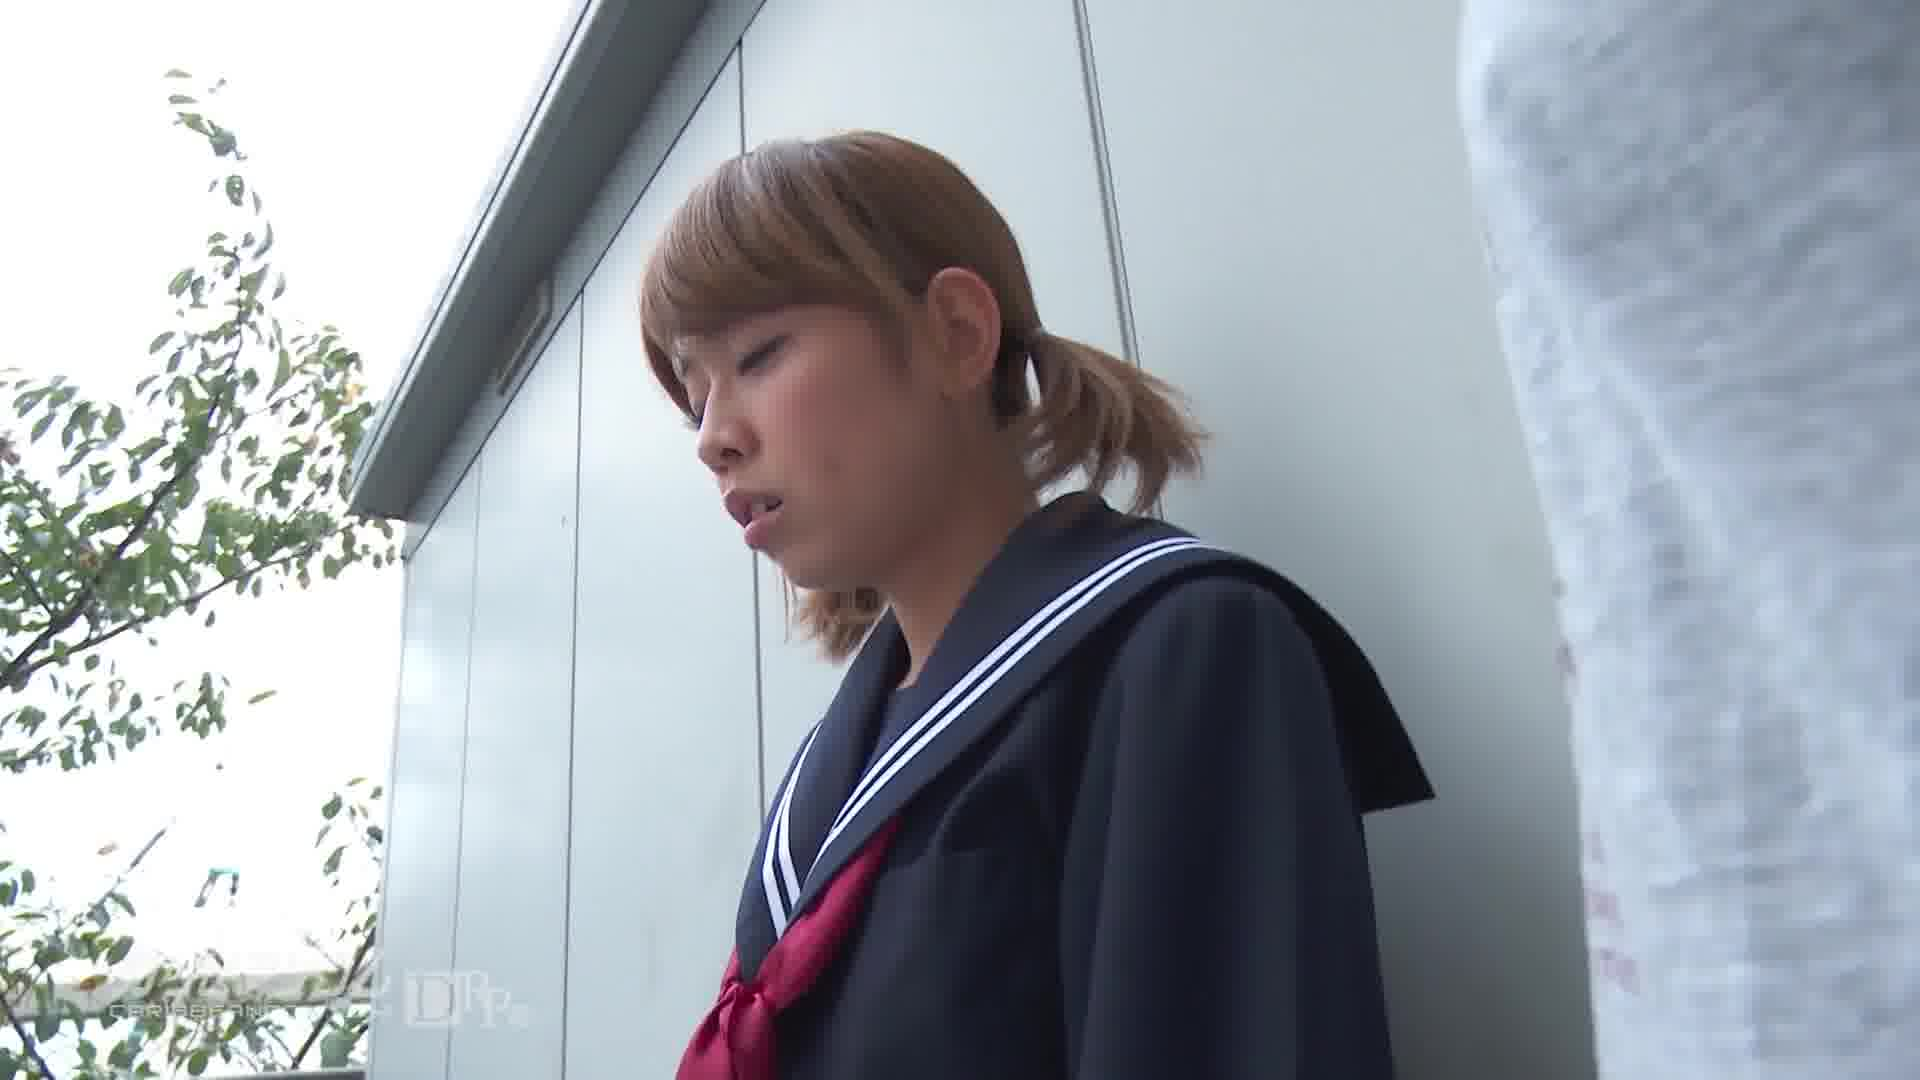 放課後に、仕込んでください ~ツインテールの優等生~ - 小波風【制服・パイパン・イラマチオ】